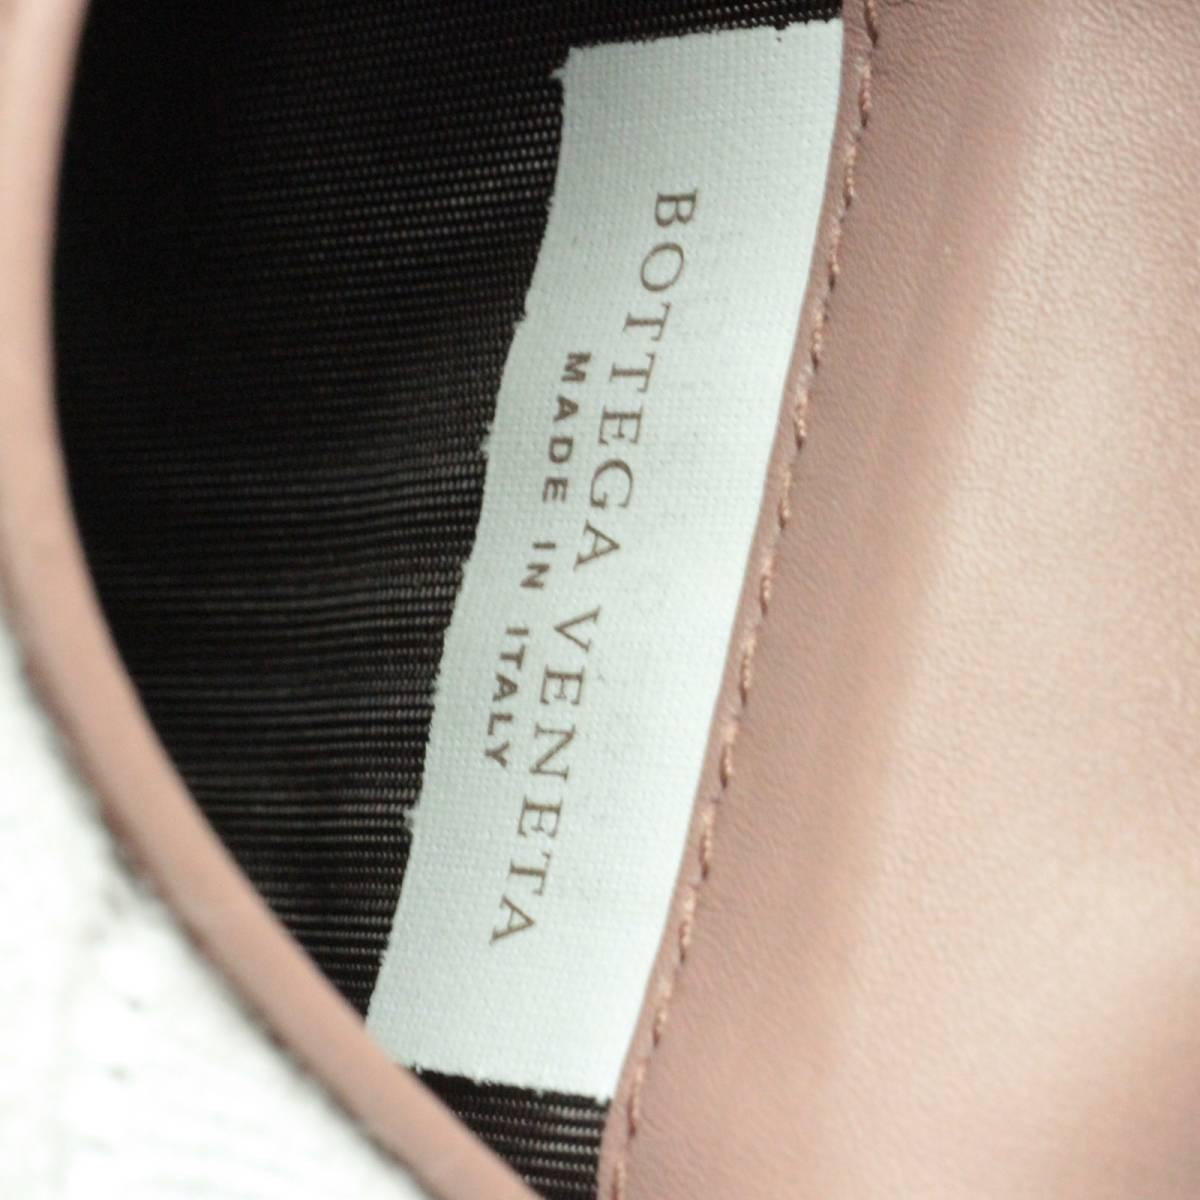 ◆◇【超美品】Bottega Veneta ボッテガヴェネタ イントレチャート 三つ折り財布◇◆_画像7